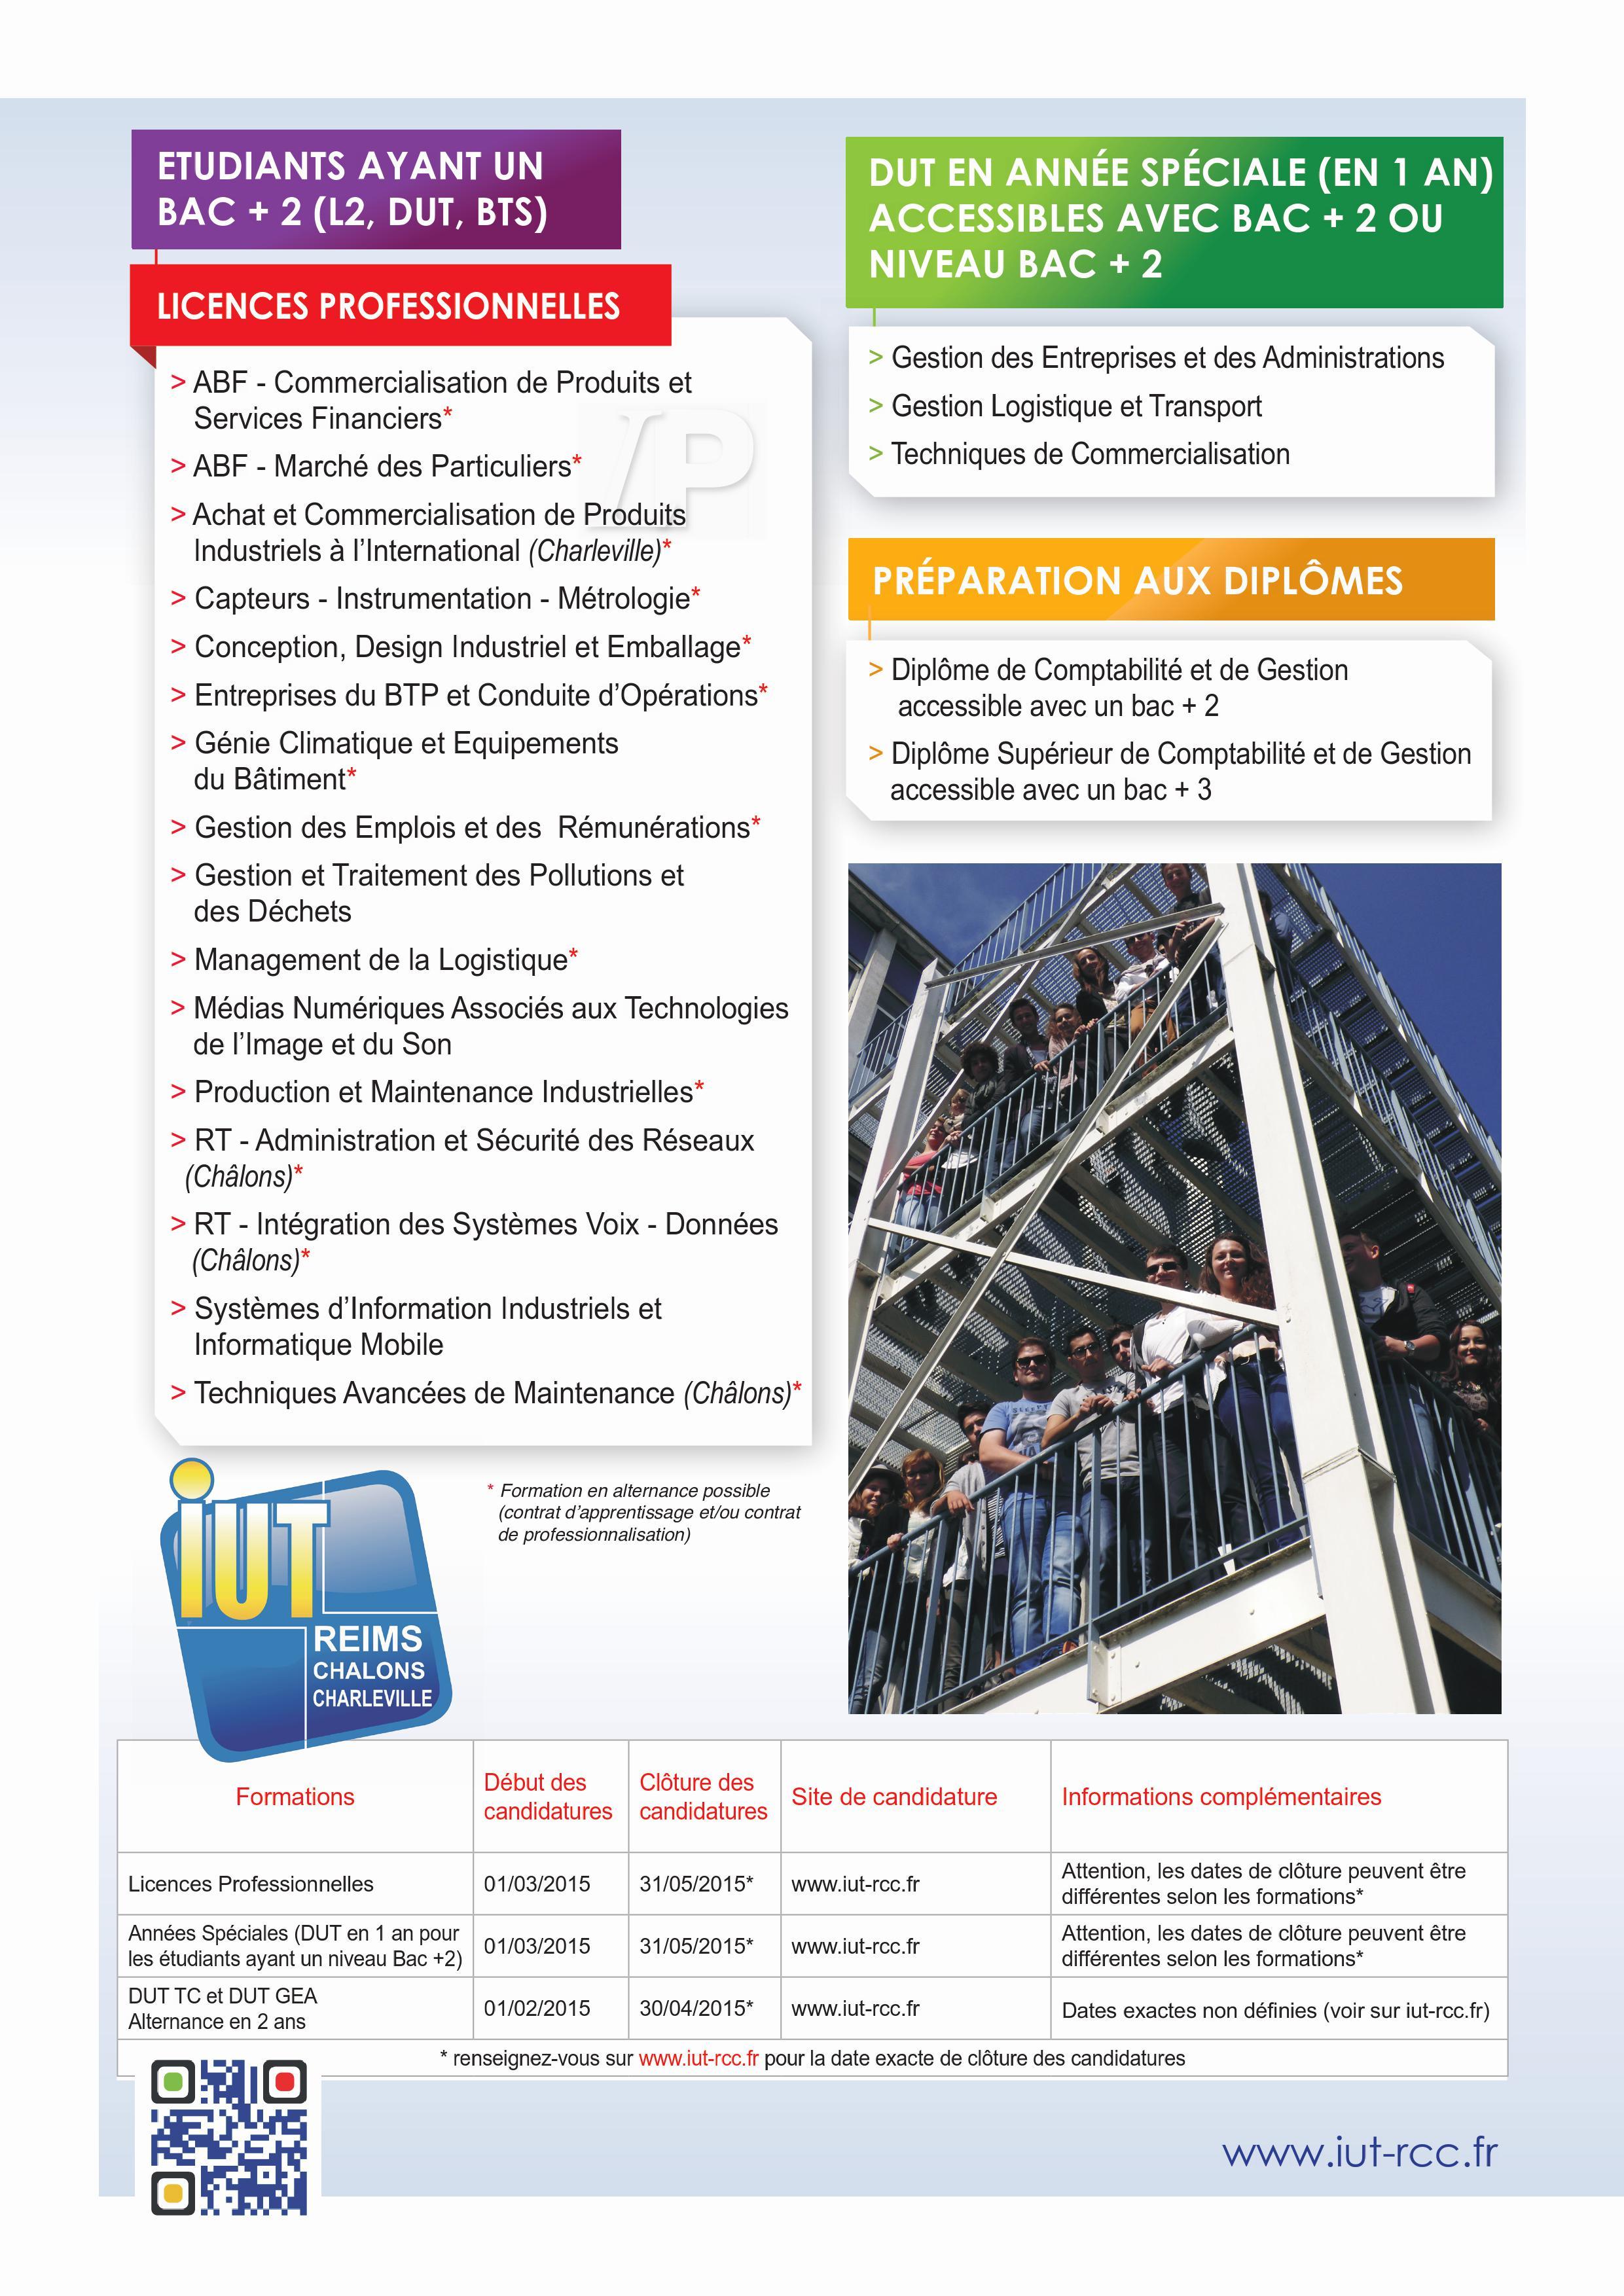 Licence Professionnelle Conception Design Industriel Et Emballage